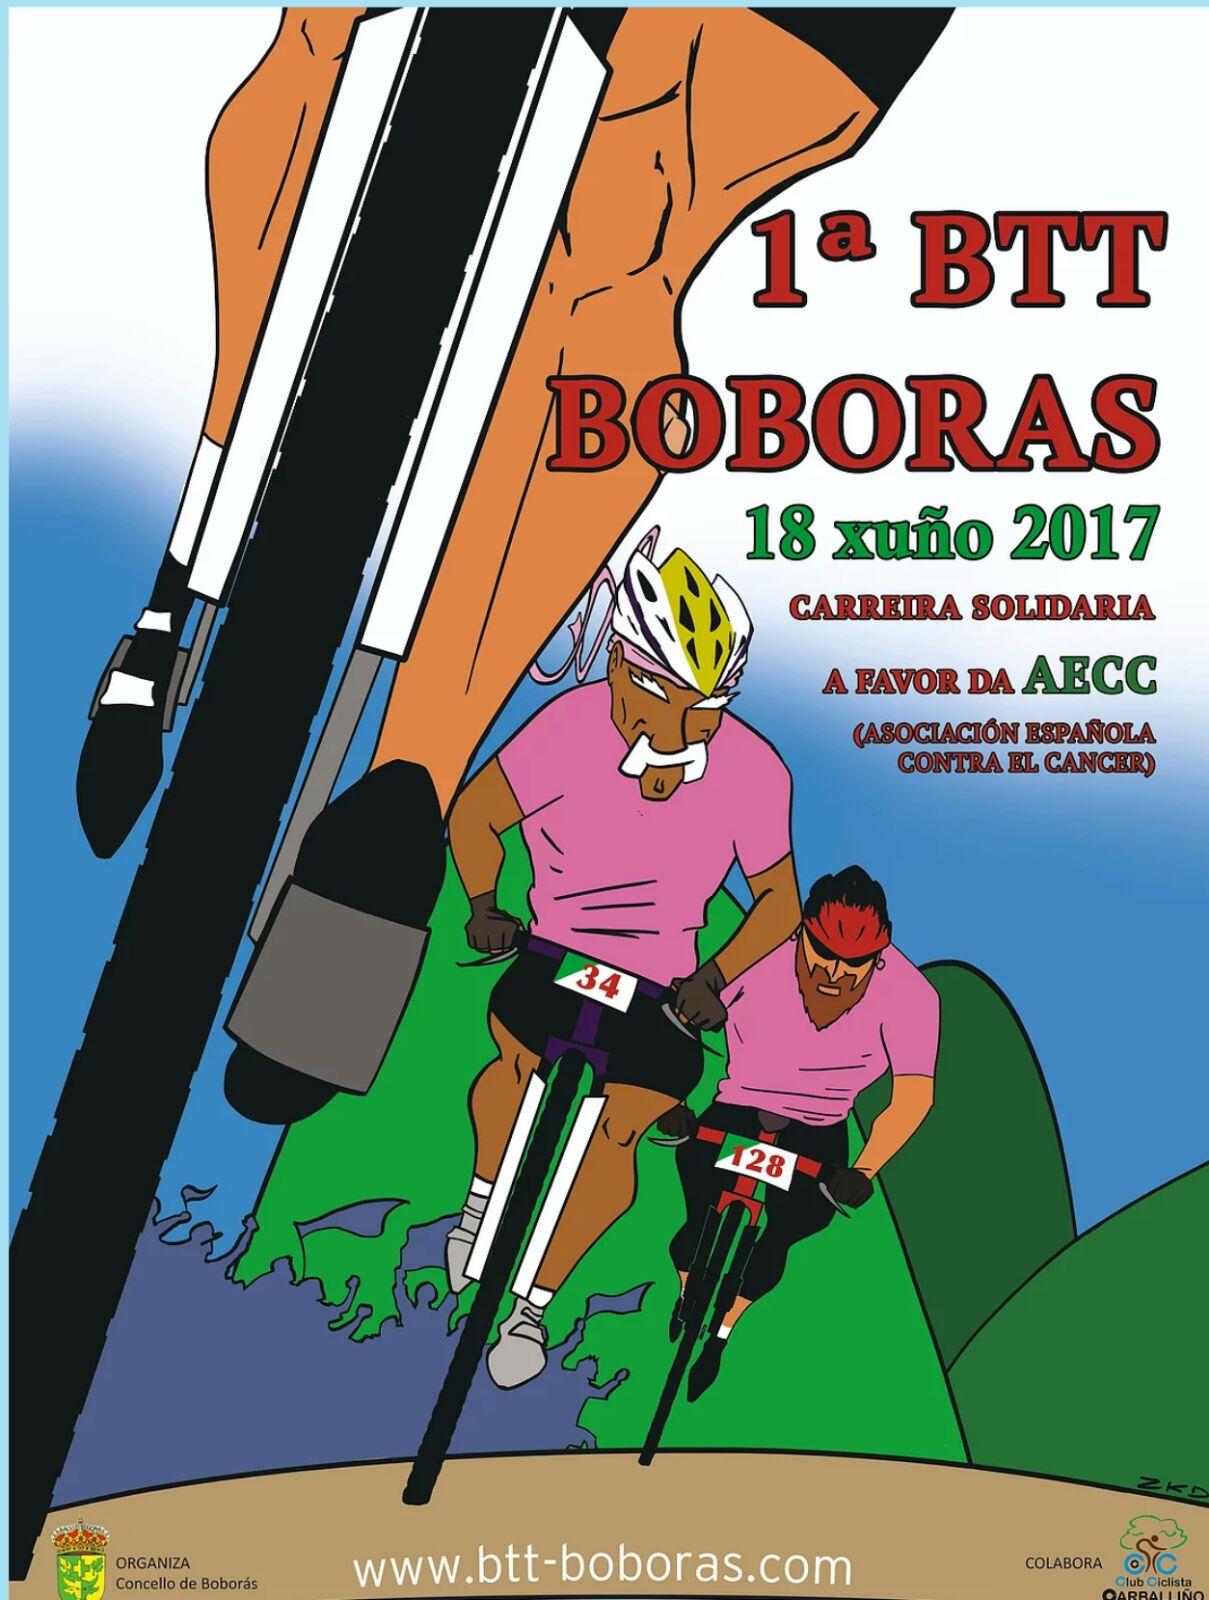 BTT BOBORAS